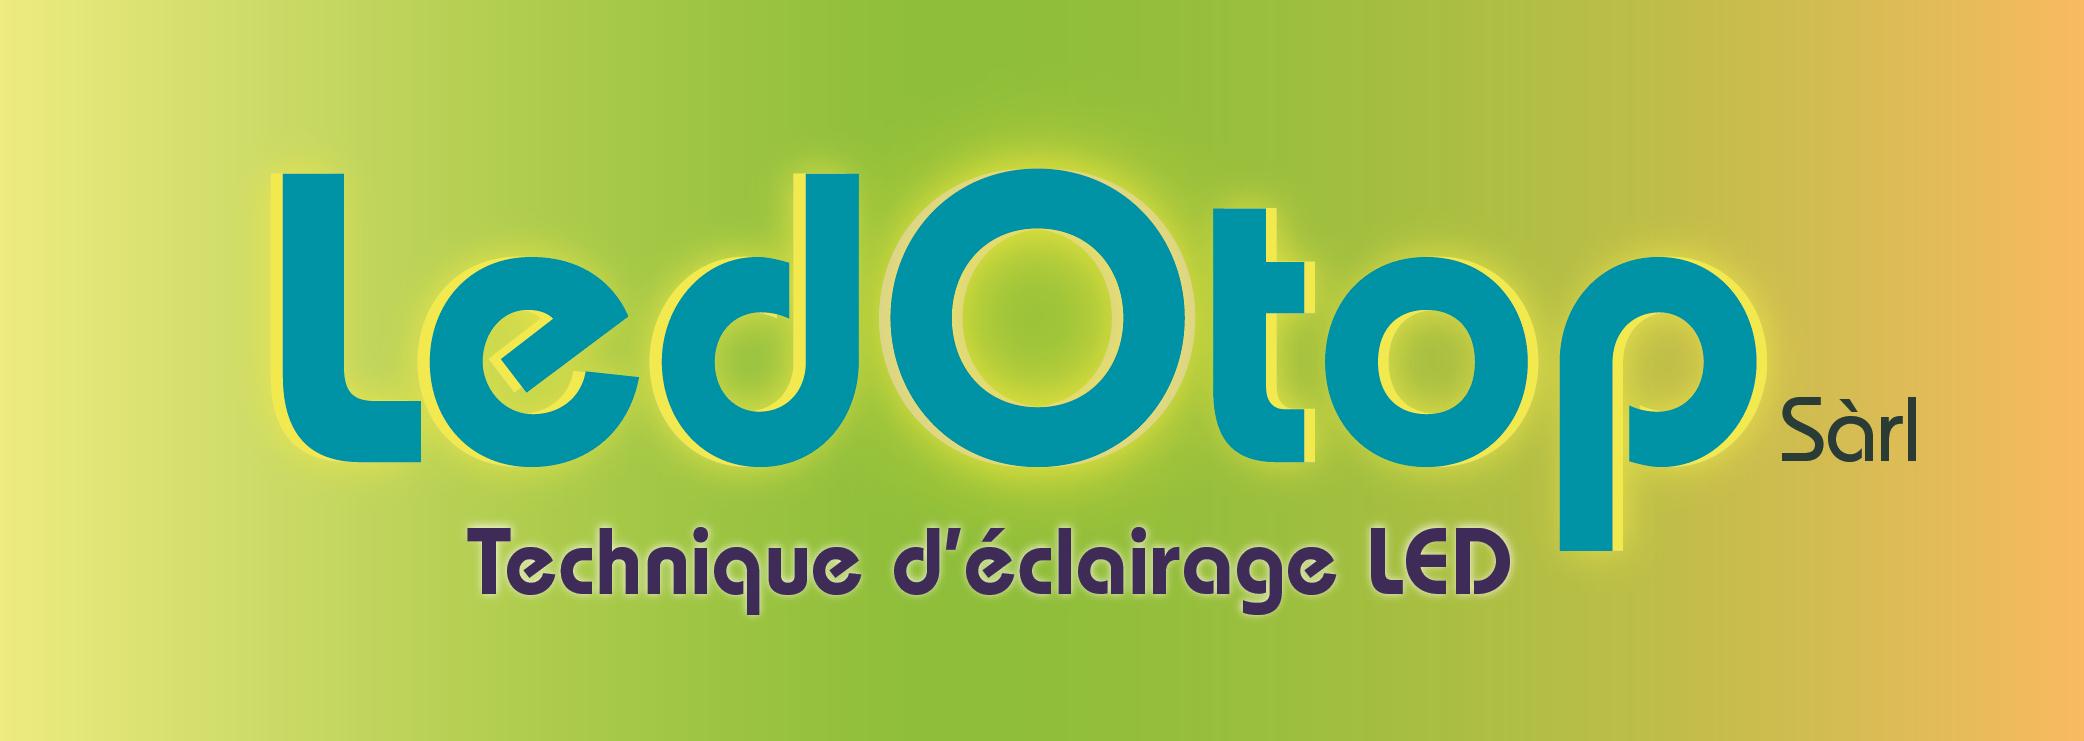 Logo_Ledotop